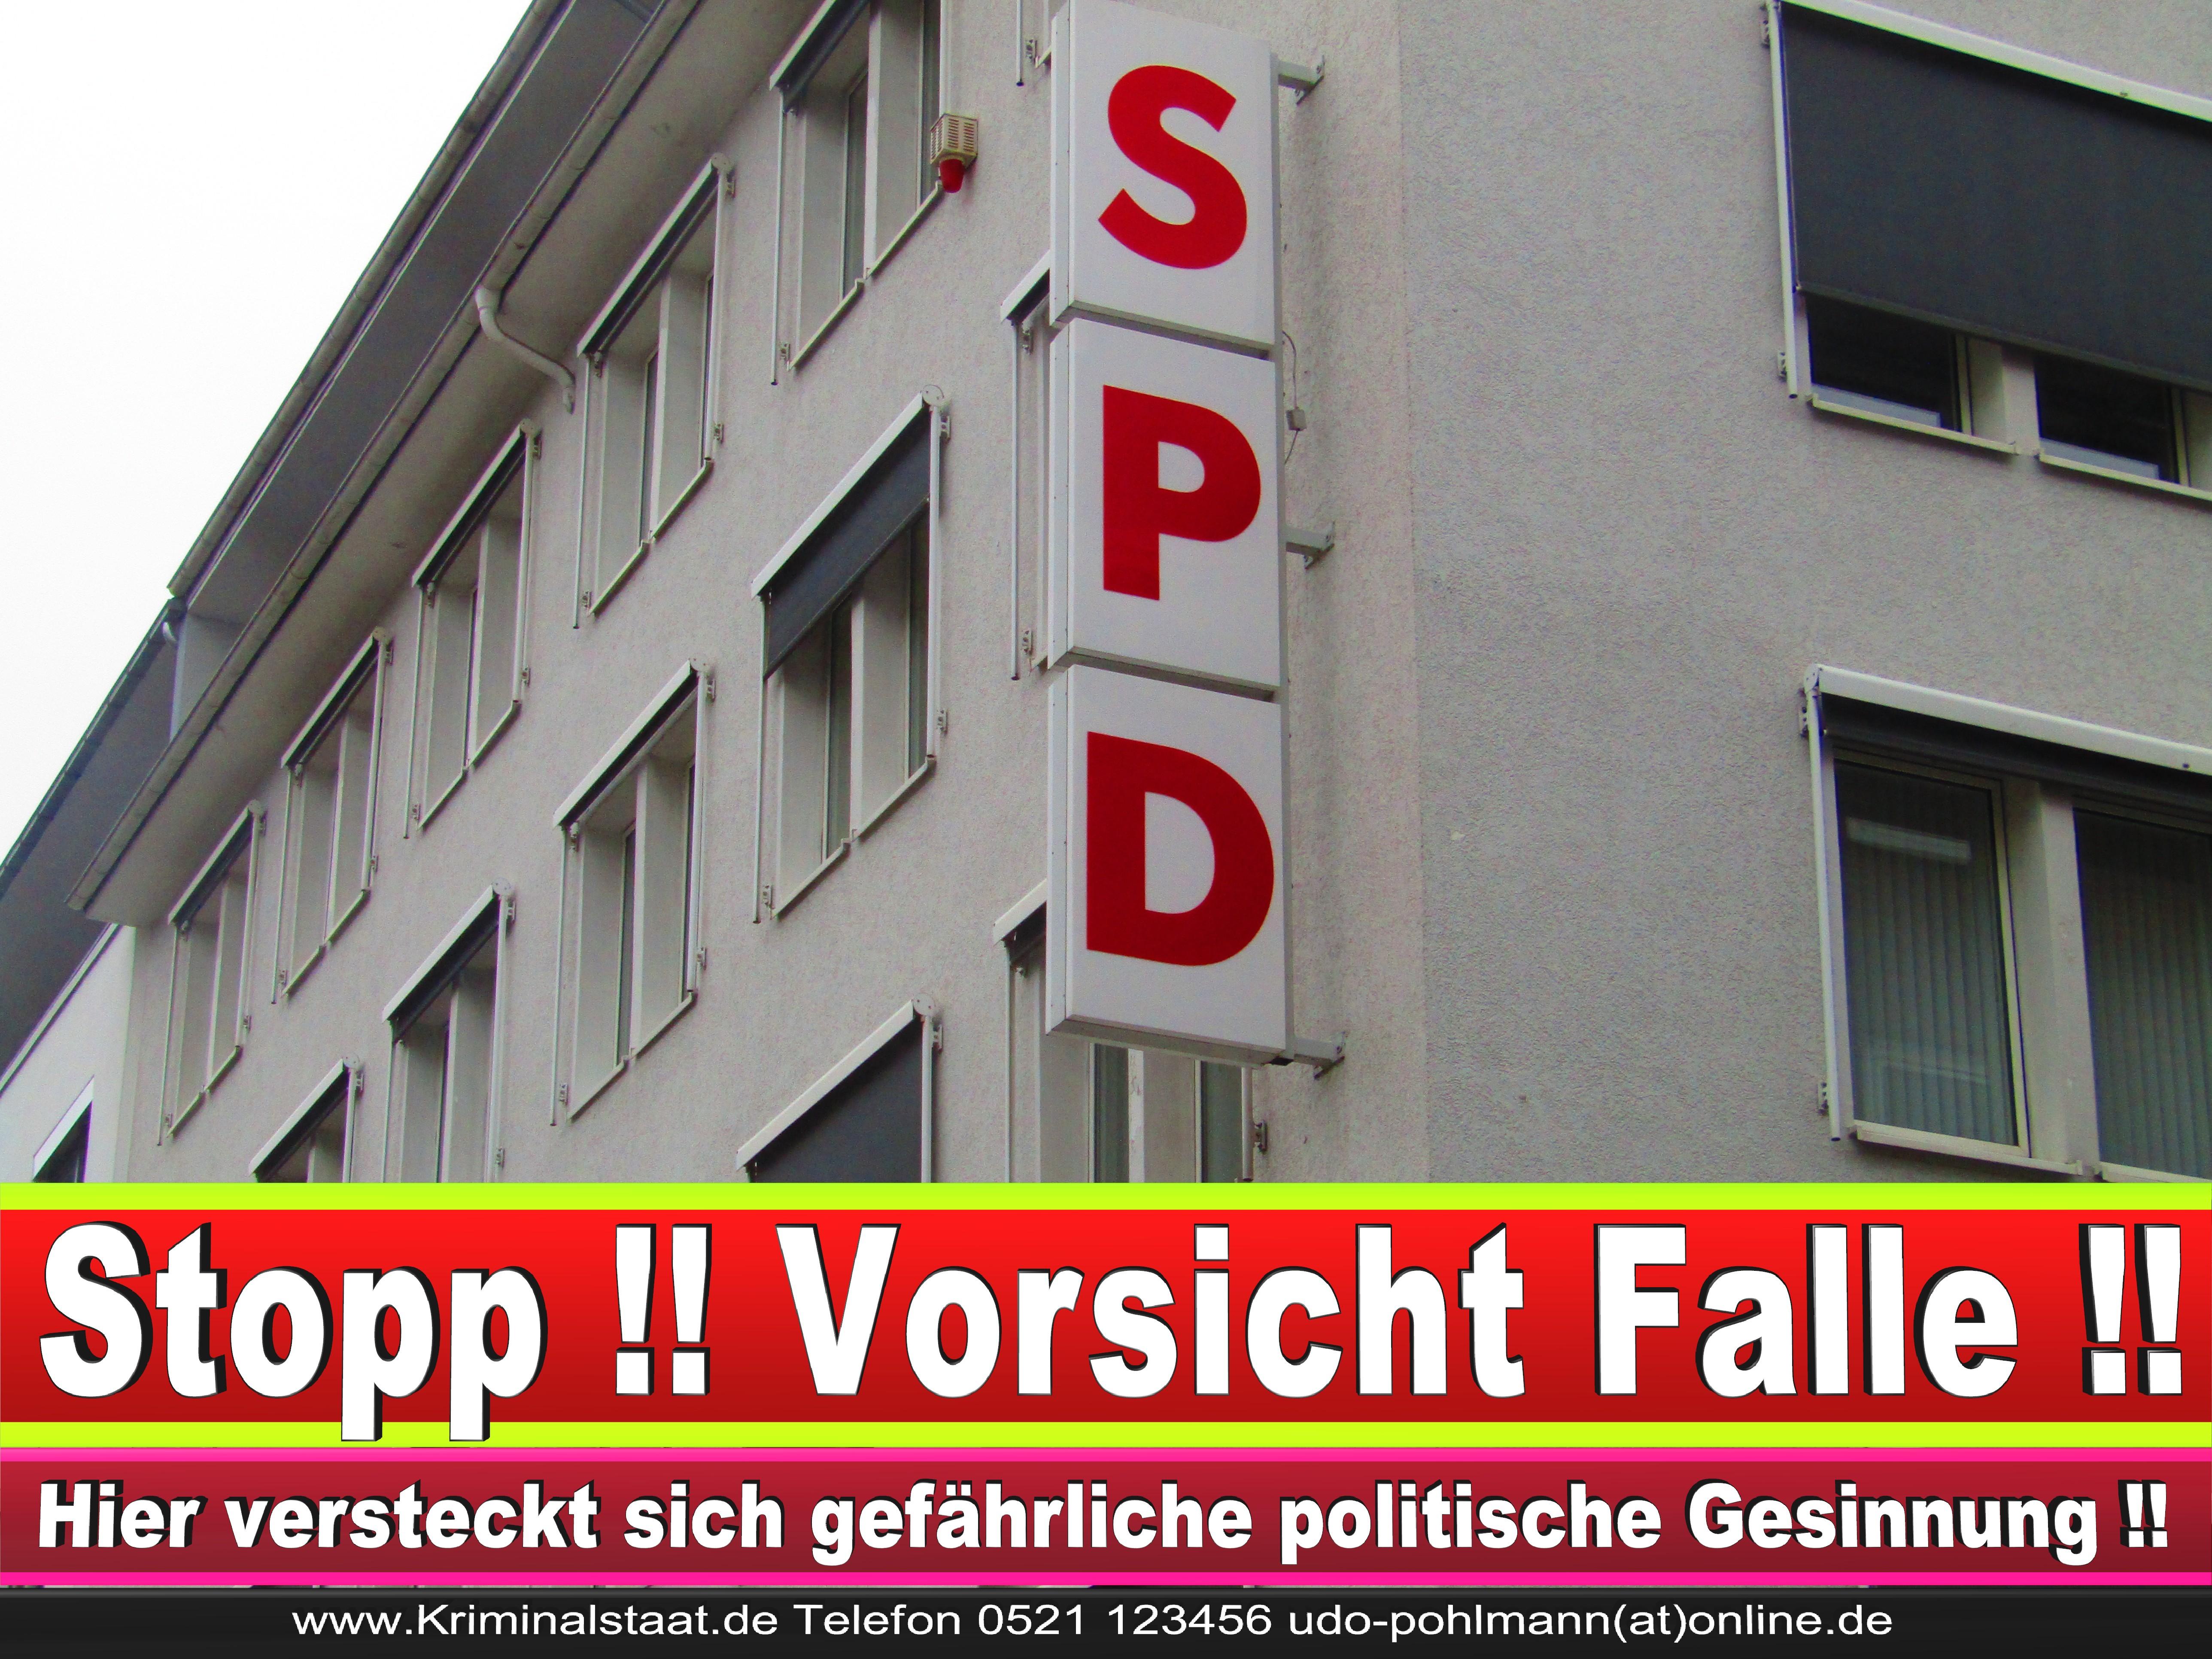 SPD DORTMUND BüRGERBüRO SPD ORTSVERBAND RAT STADT RATSMITGLIEDER SPD FRAKTION GESCHäFTSSTELLE SPD NRW ADRESSE (14) 1 1